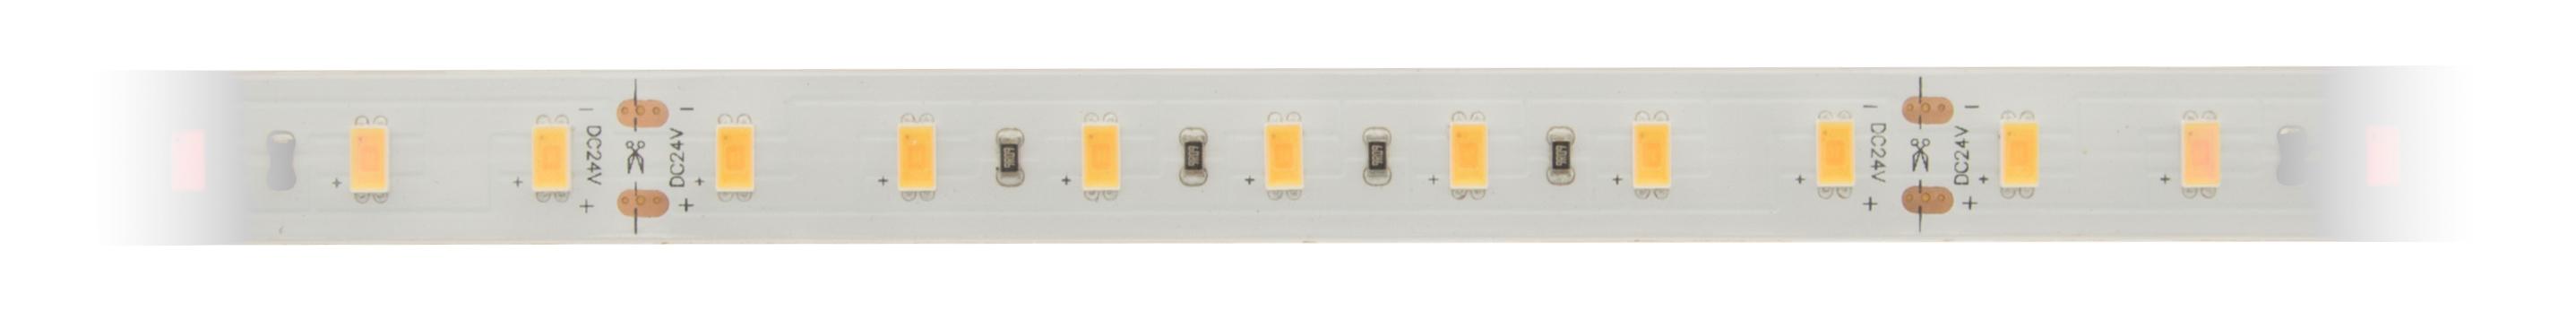 1 Stk FS 105, CW, Ra=90+, 23,5W/m, 2200lm/m, 24VDC, IP44, l=5m LIFS017004